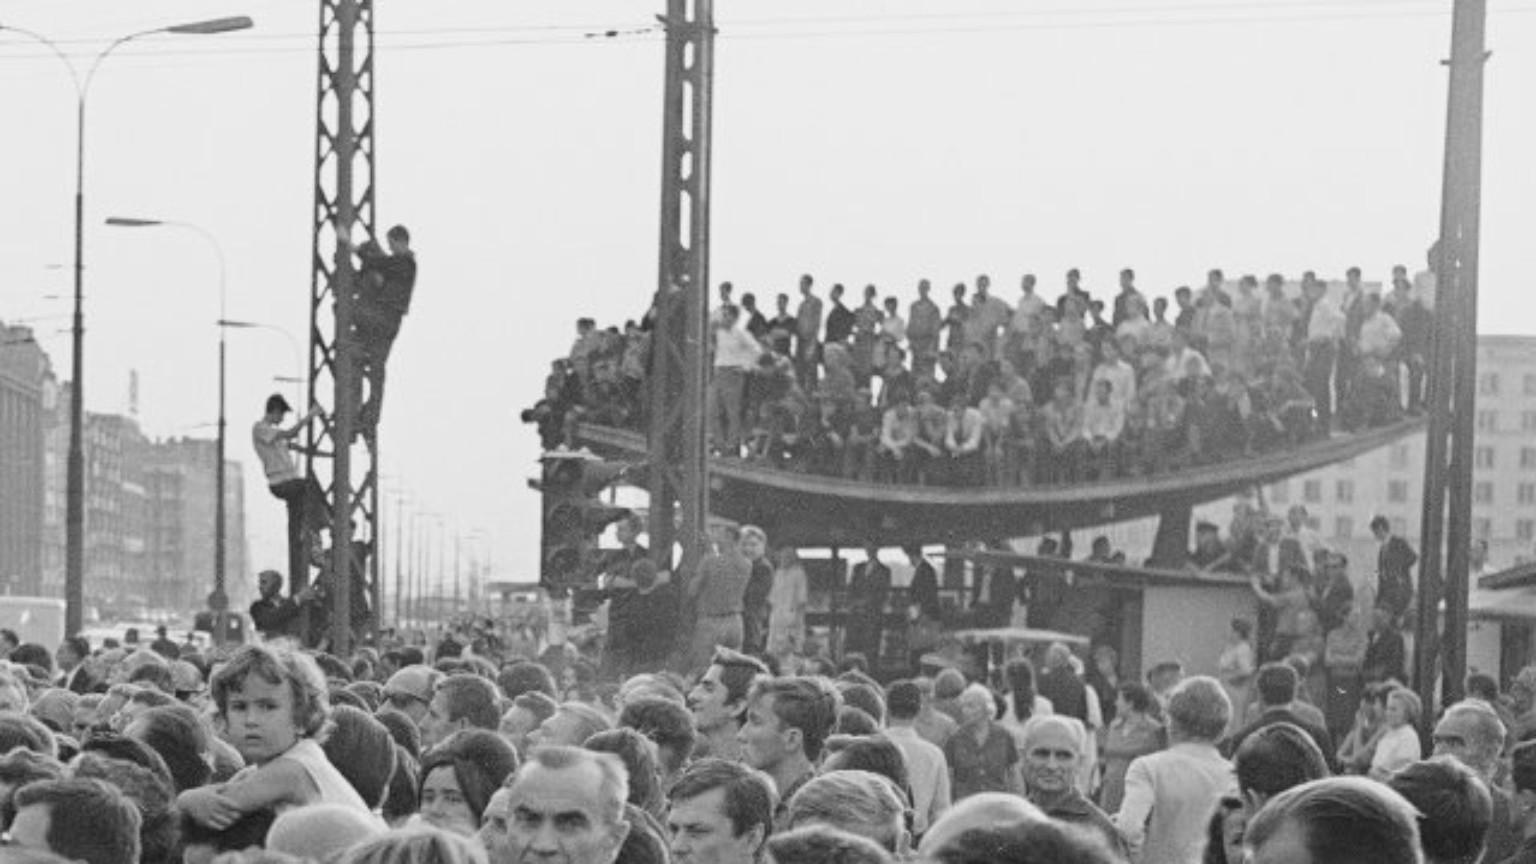 Zdjęcie dla kartki: Warszawa wita De Gaulle'a